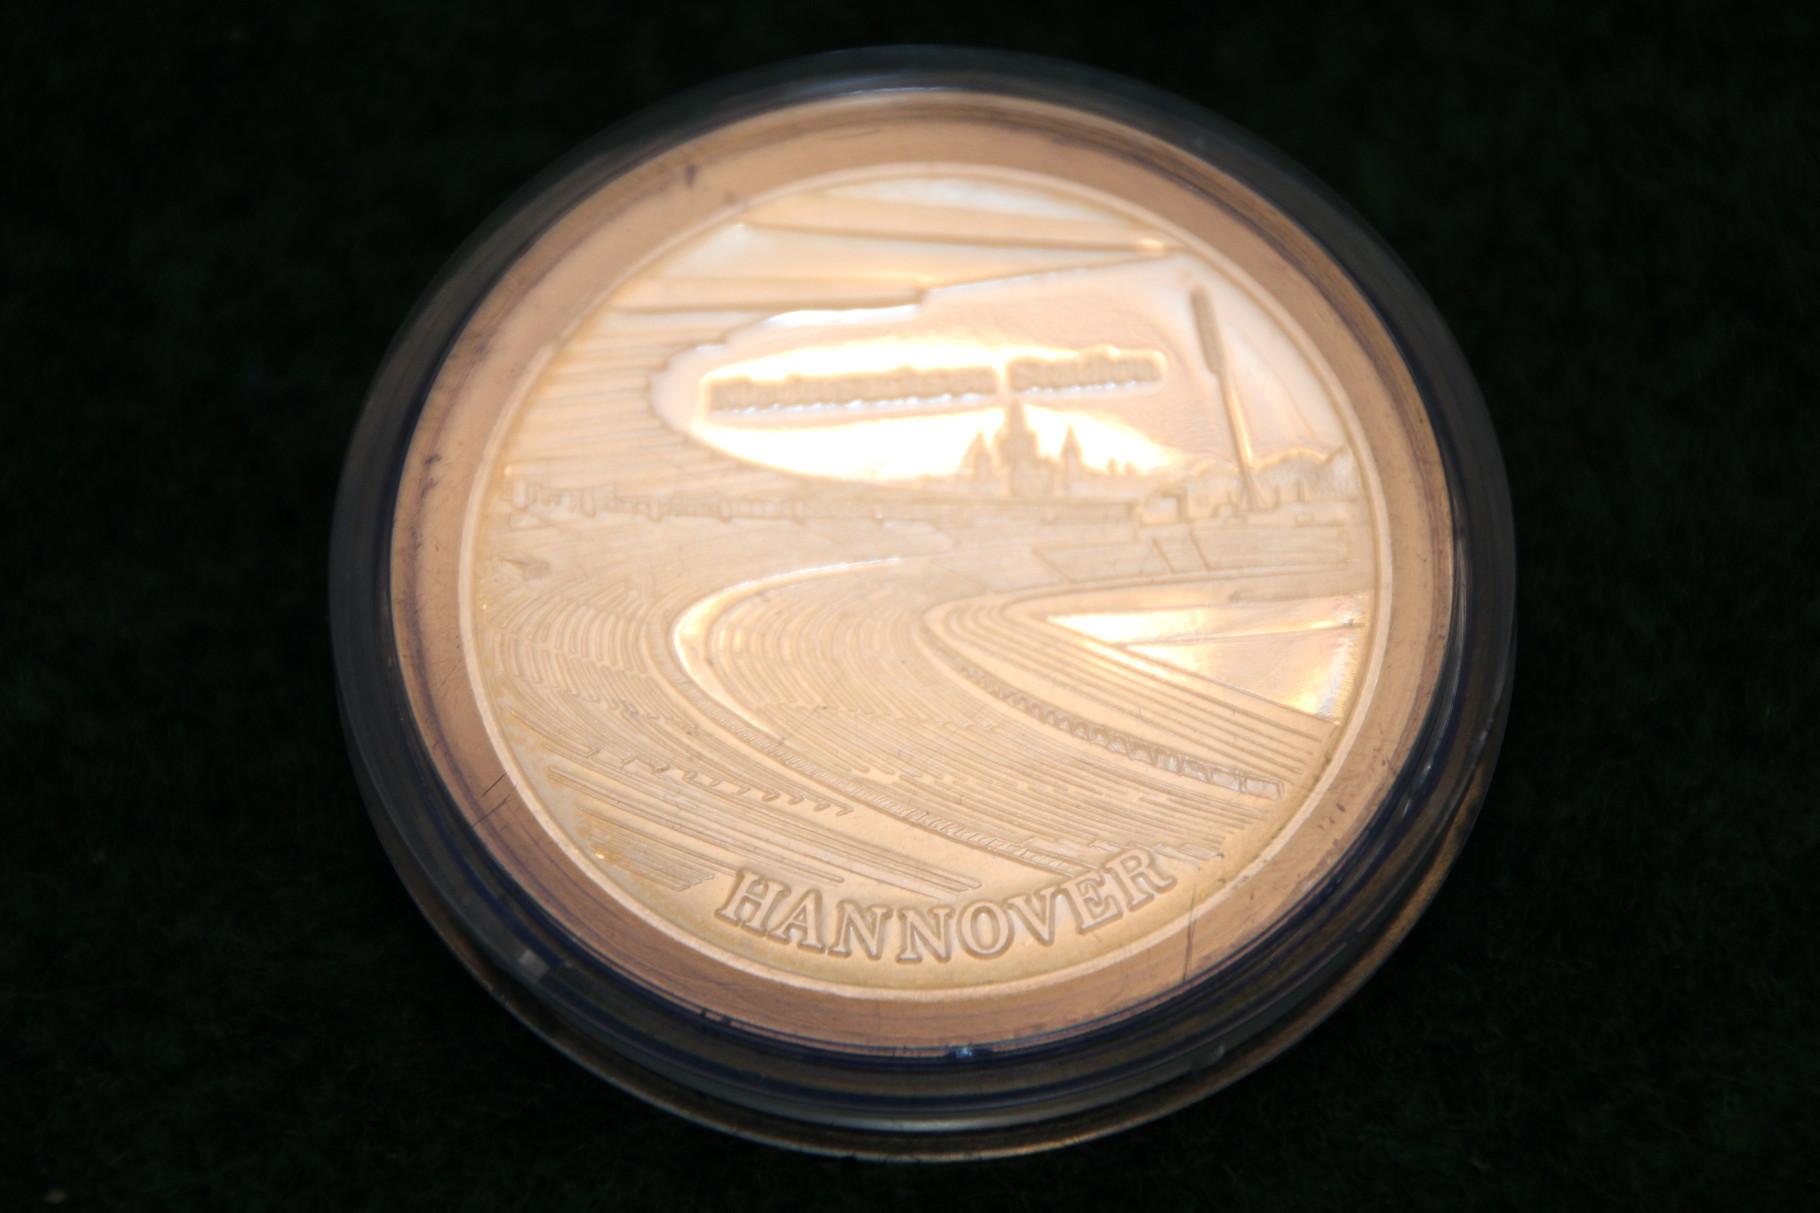 Medaille von der Fussball WM 1974 in Deutschland mit dem Niedersachsenstadion Hannover.2/2